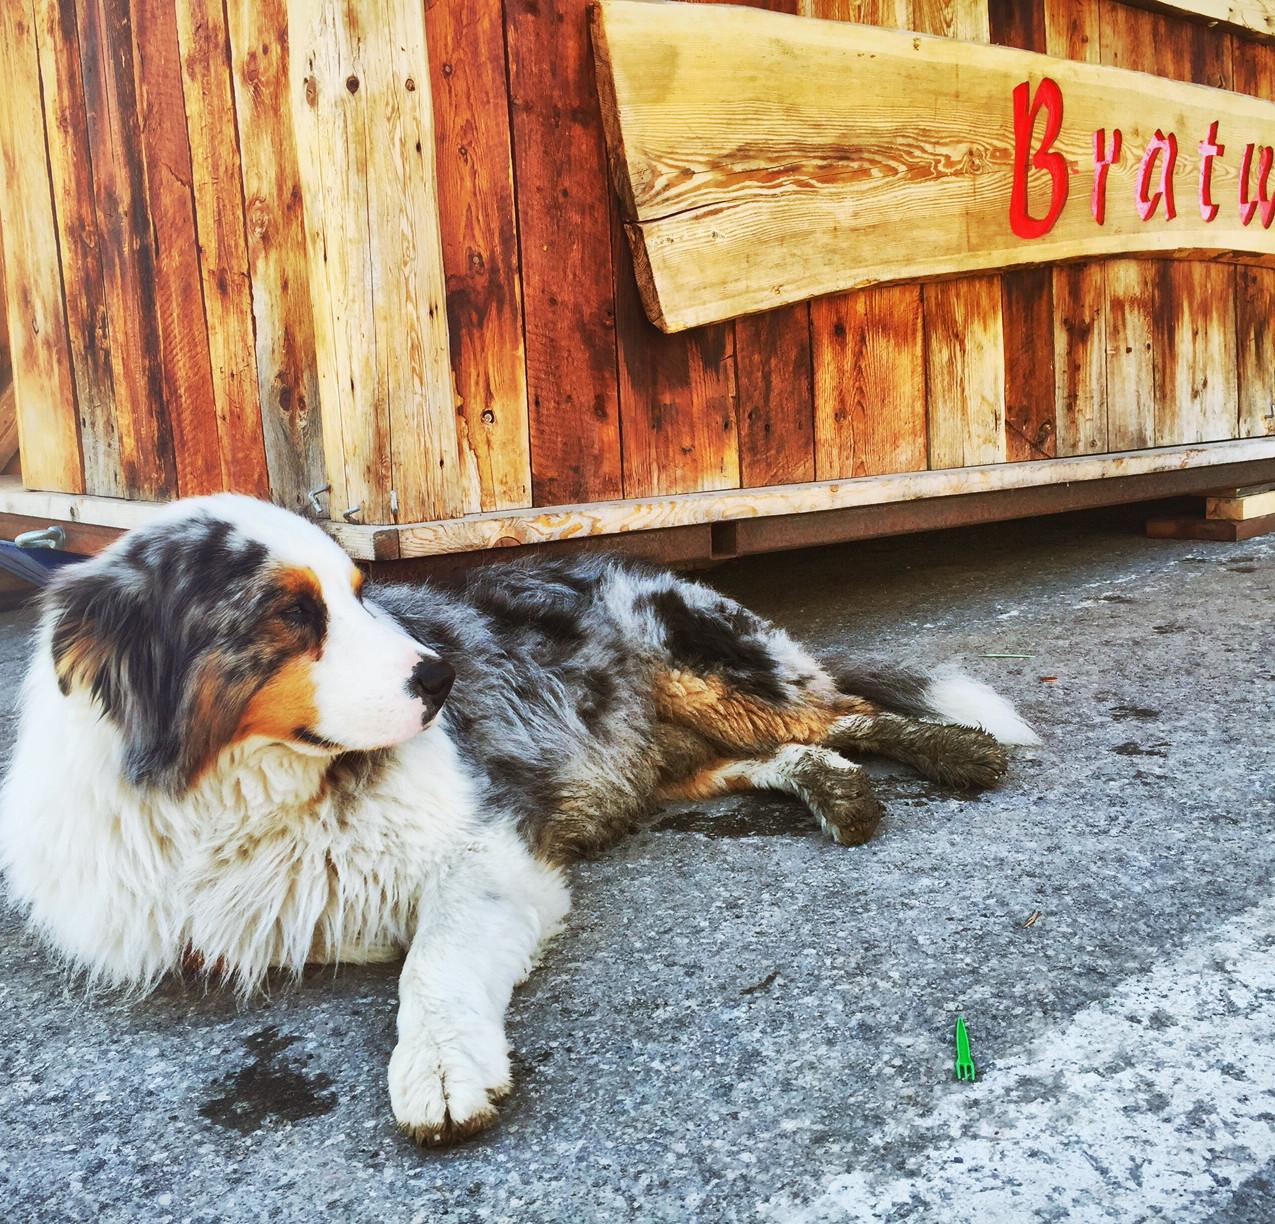 Braaaatwurst